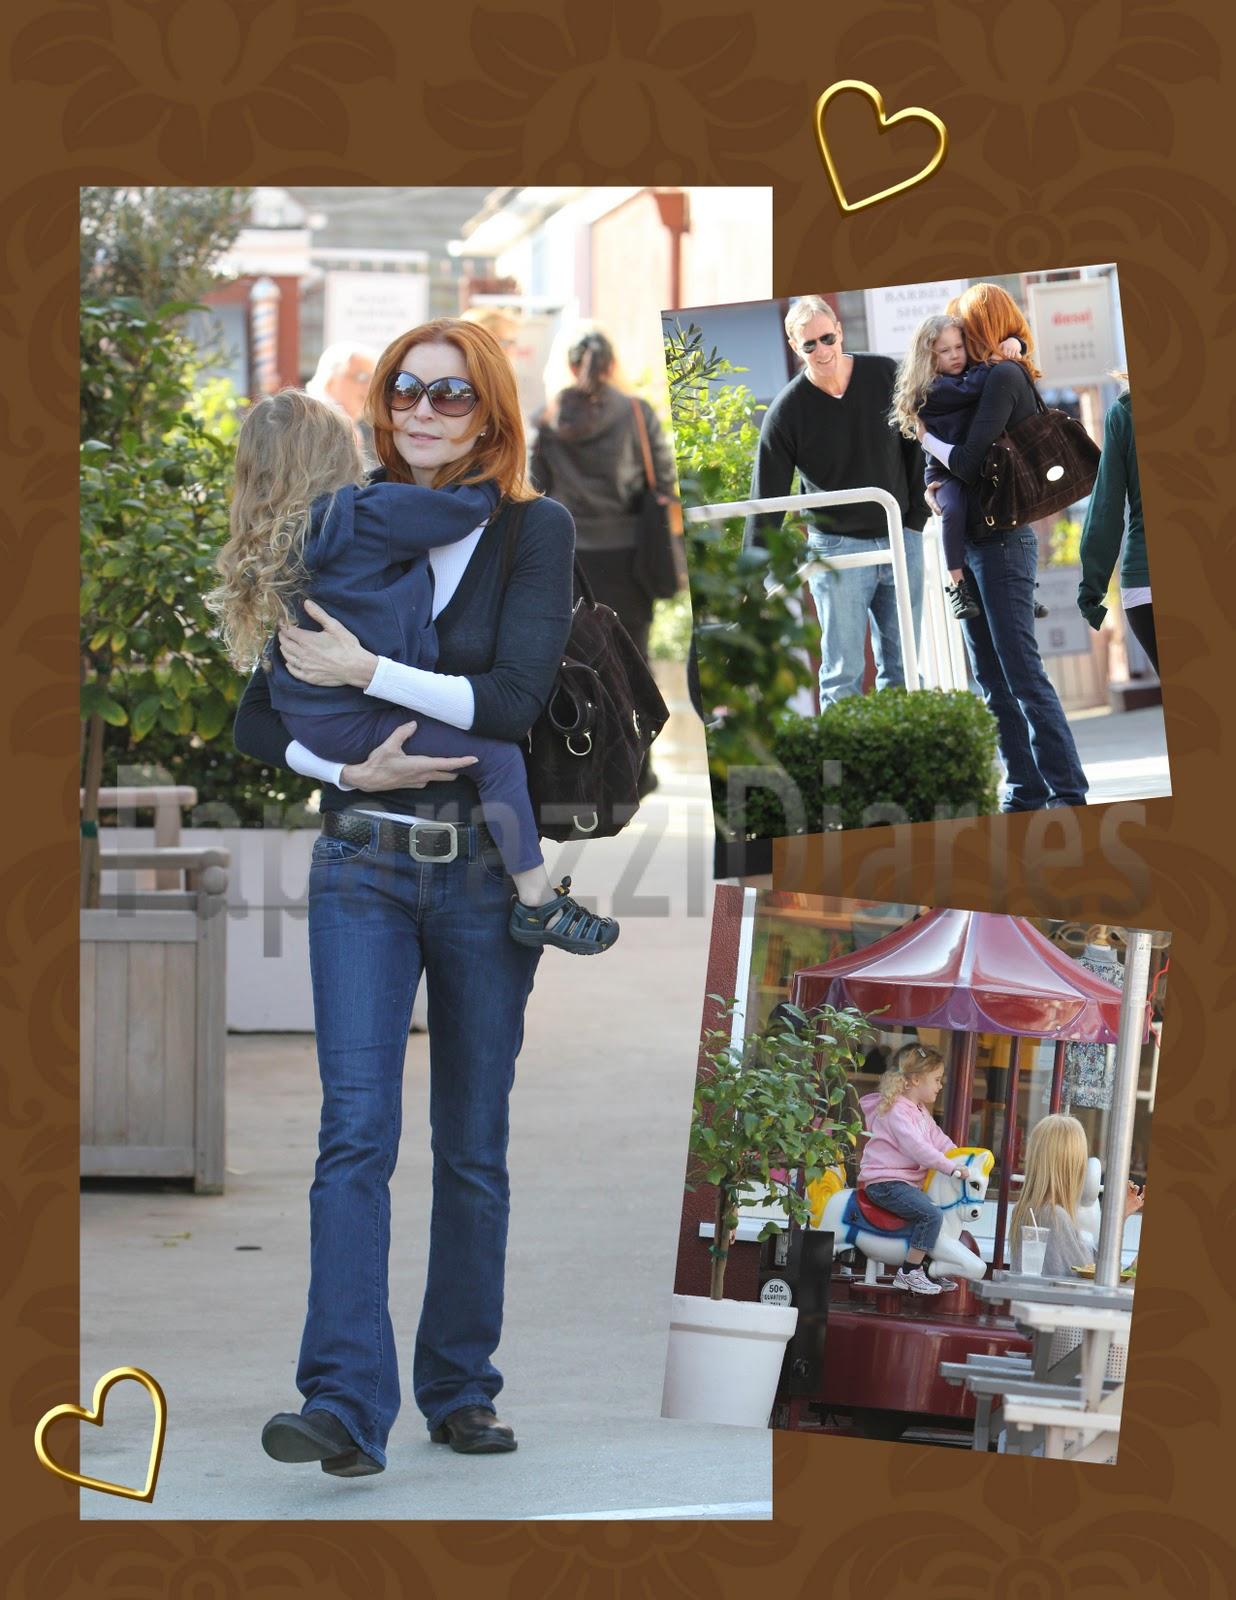 http://1.bp.blogspot.com/_rqc6ugw8KoM/TT59N9mnsEI/AAAAAAAABpE/hbmQlKpi-J4/s1600/Marcia+Cross_012411-002.jpg